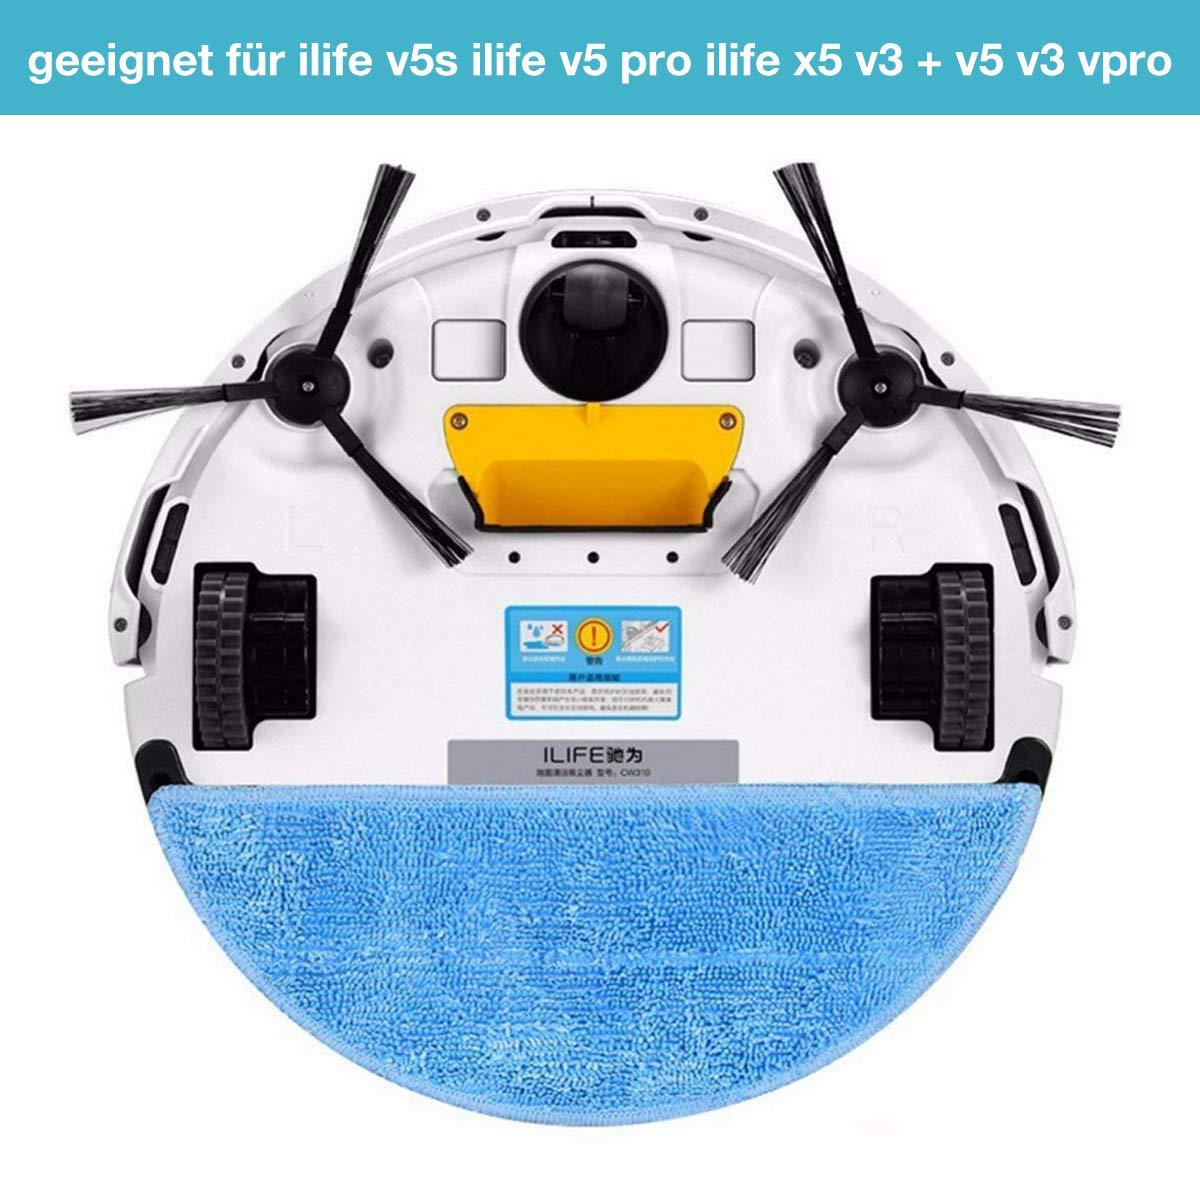 Charminer Premium Accesorios adecuado para Robot aspirador ILIFE limpieza del hogar Robot, 10 cepillos laterales + 5 esponjas + 5 telas filtrantes + 4 ...